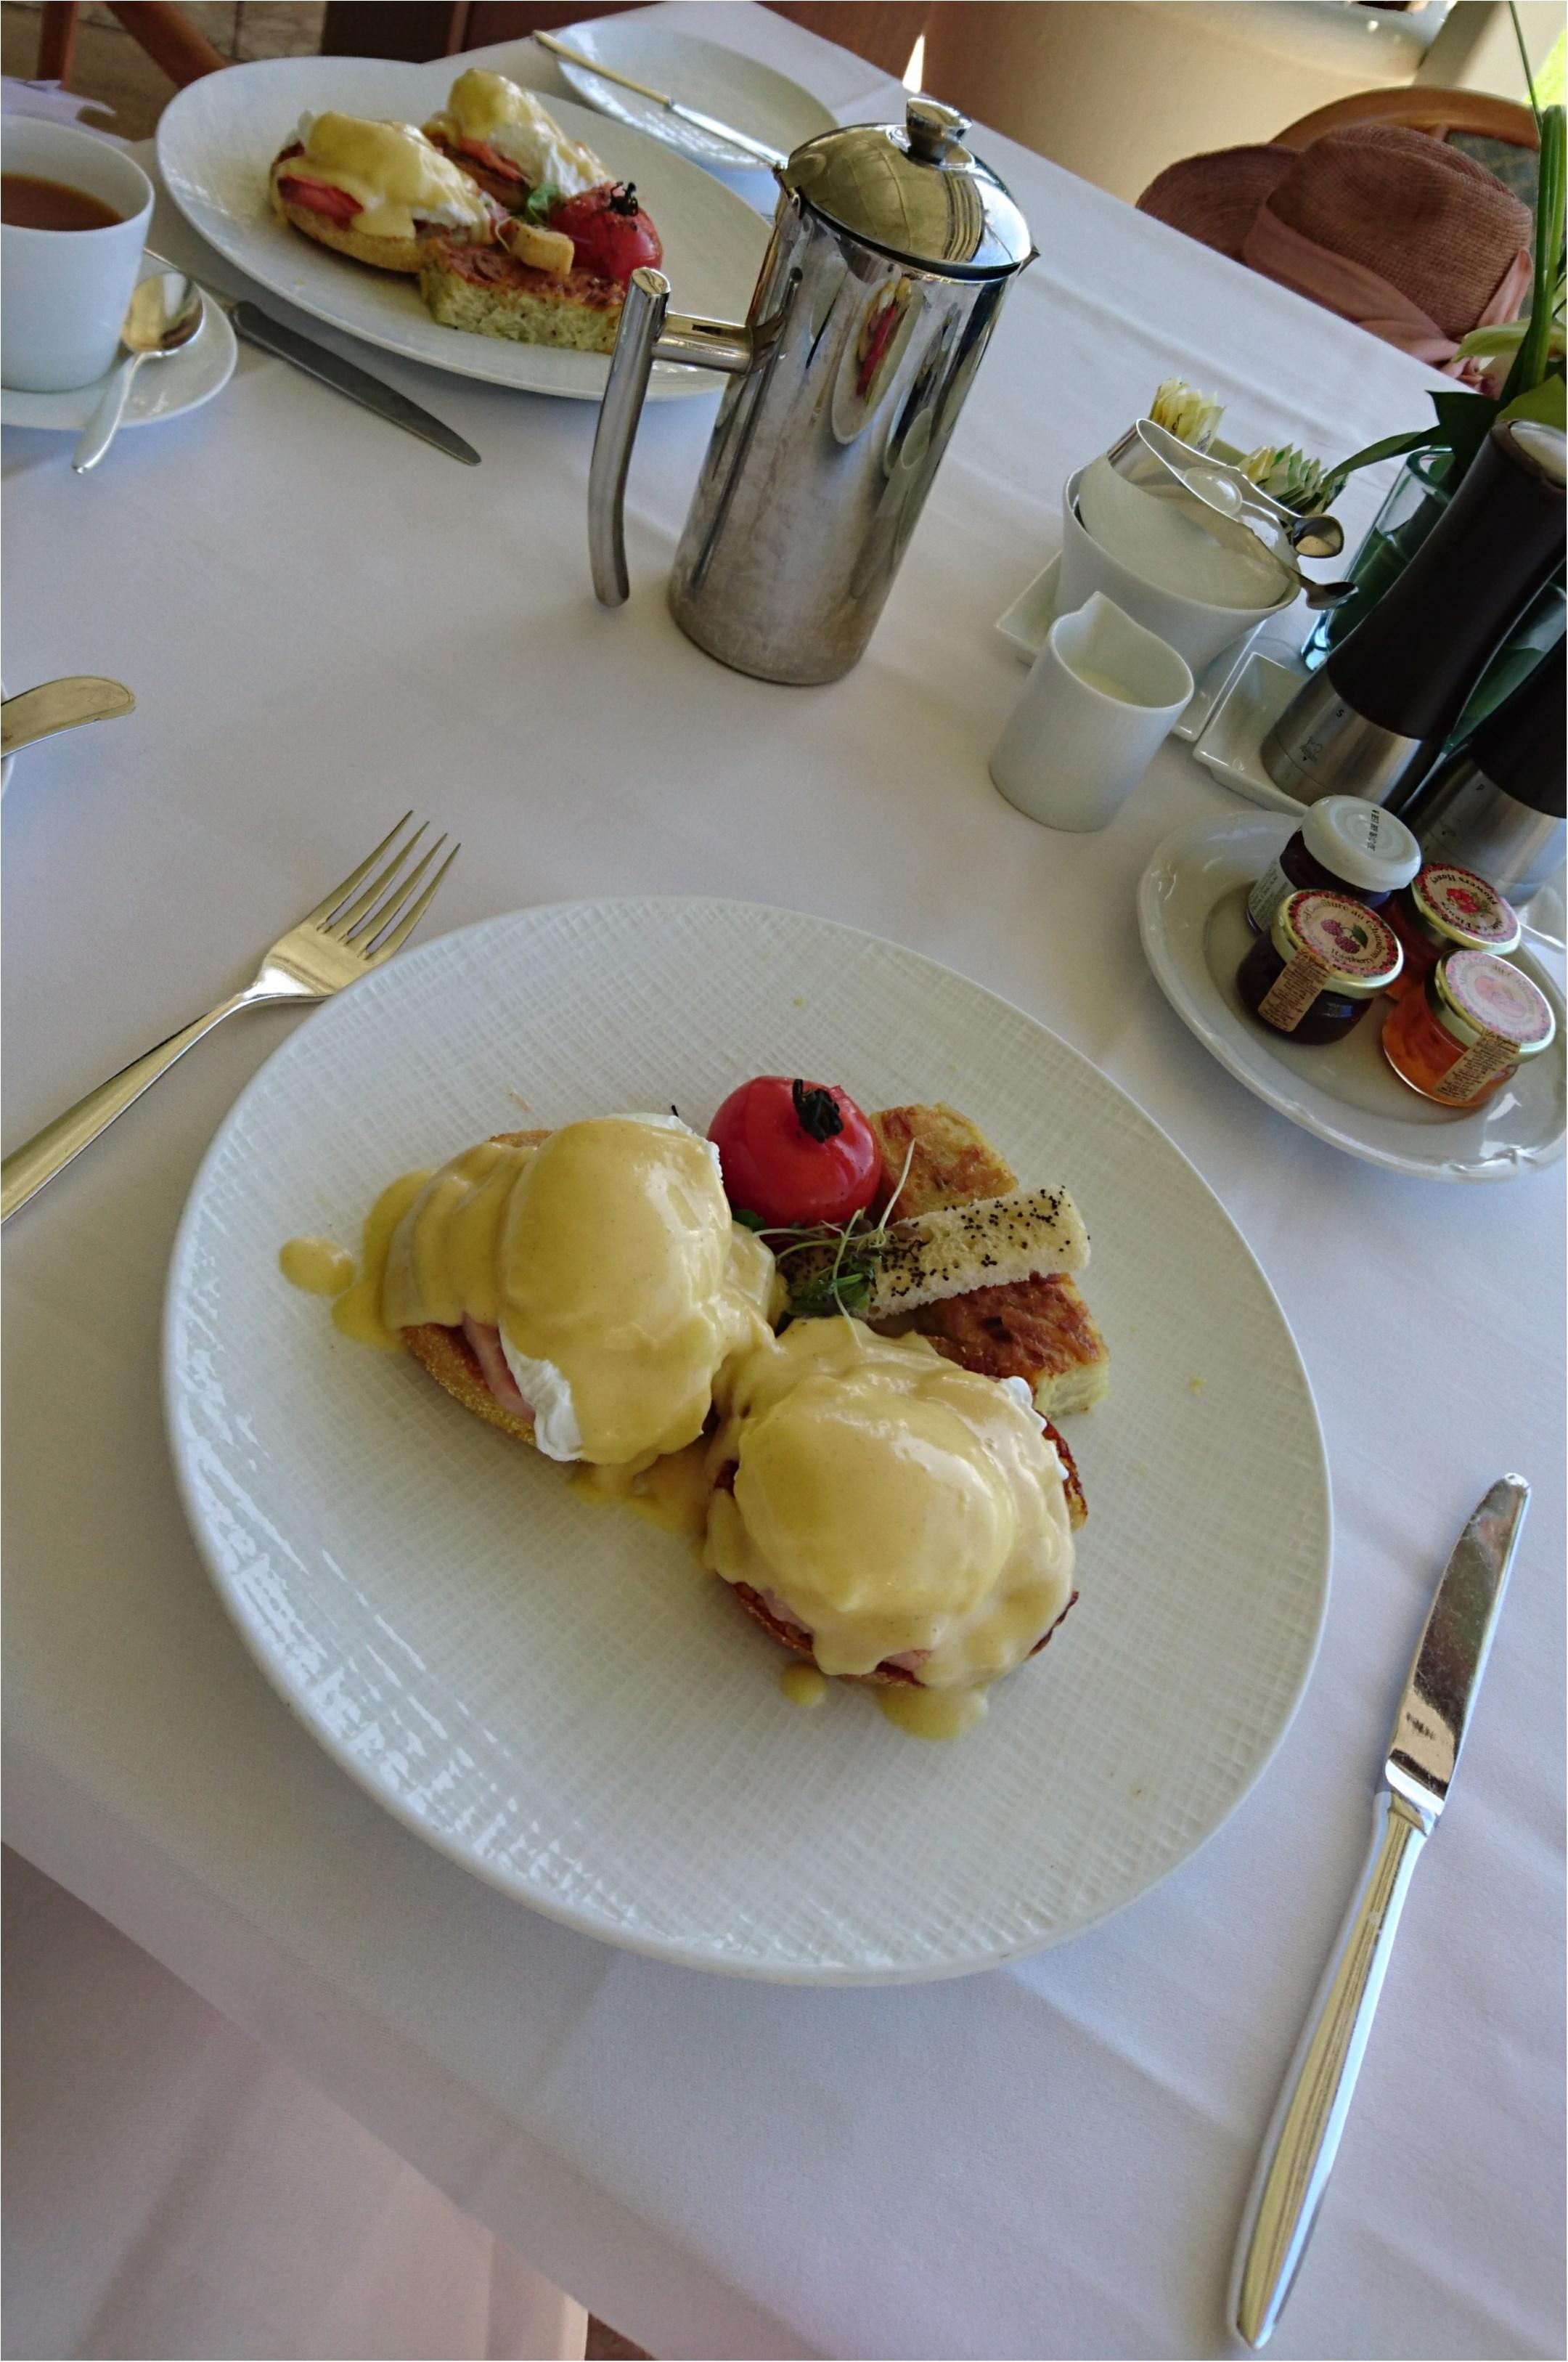 【trip】ホノルルで絶対おすすめの朝食♡最高のホテルで最高の朝食を(〃ω〃)_2